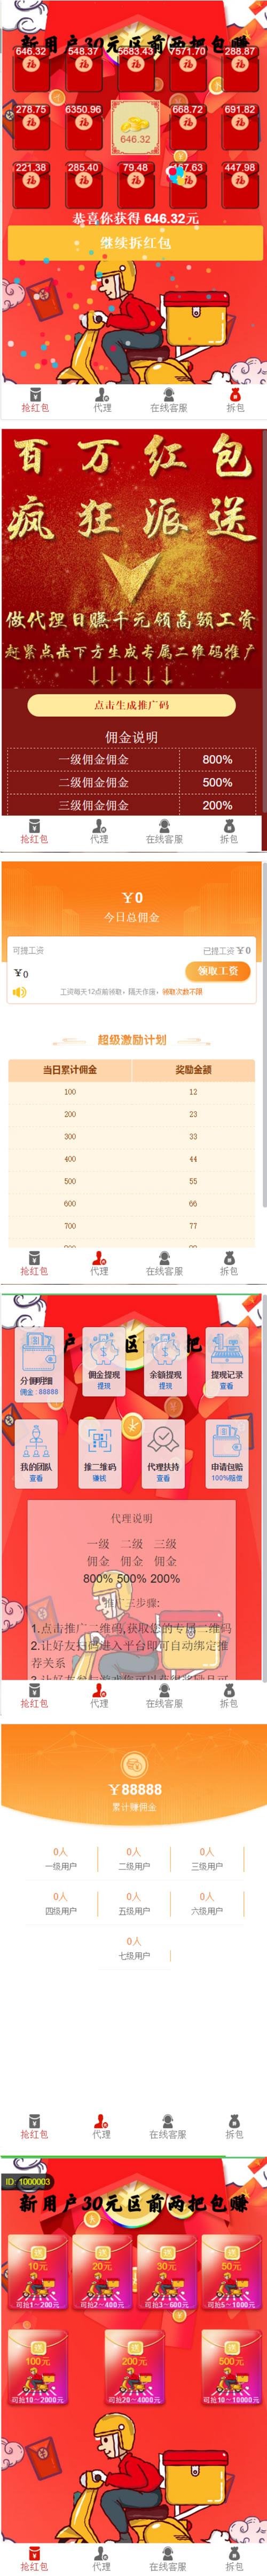 【独家首发】亲测最新更新8月红包互换完整运行源码+功能完善,推广+团队等齐全 第1张